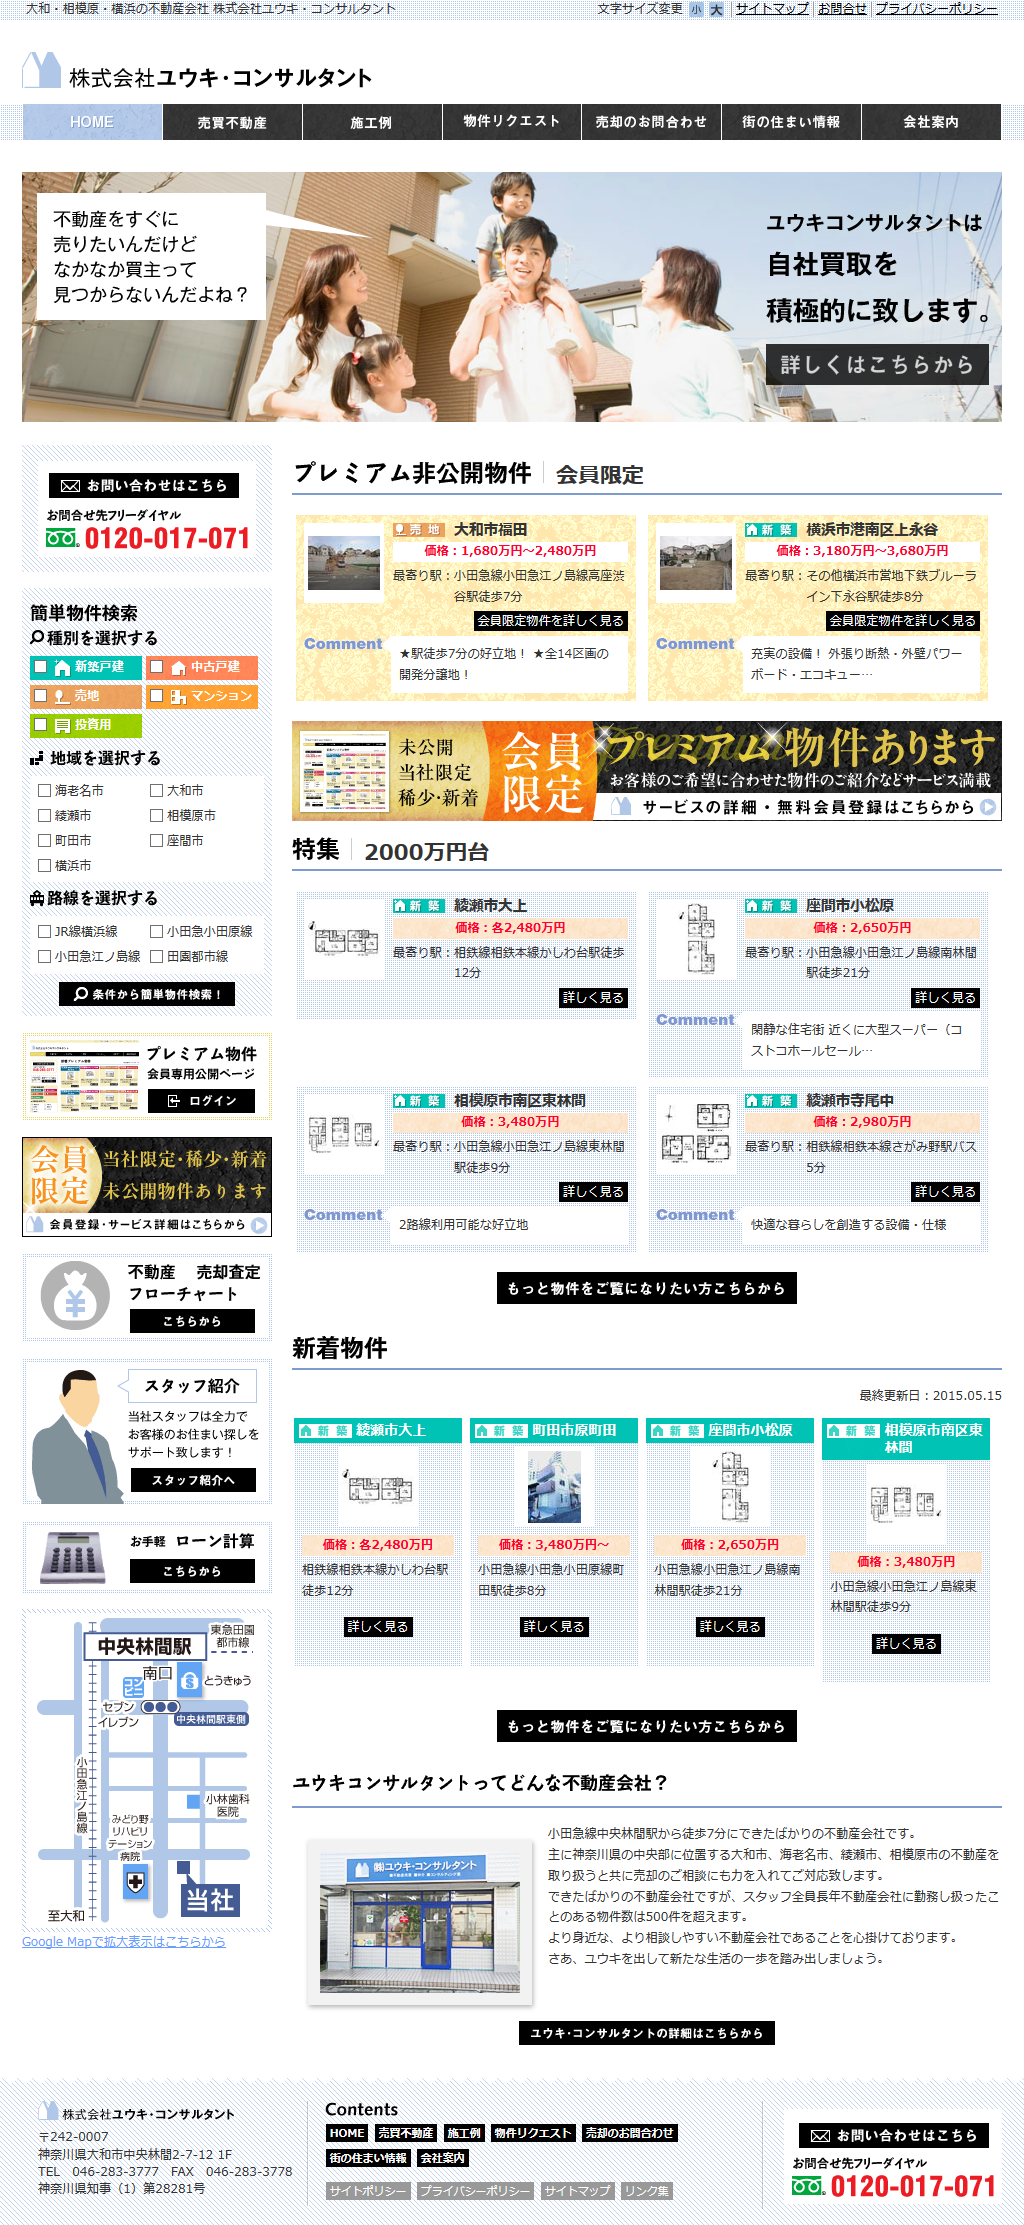 株式会社ユウキ・コンサルタント様TOPページ